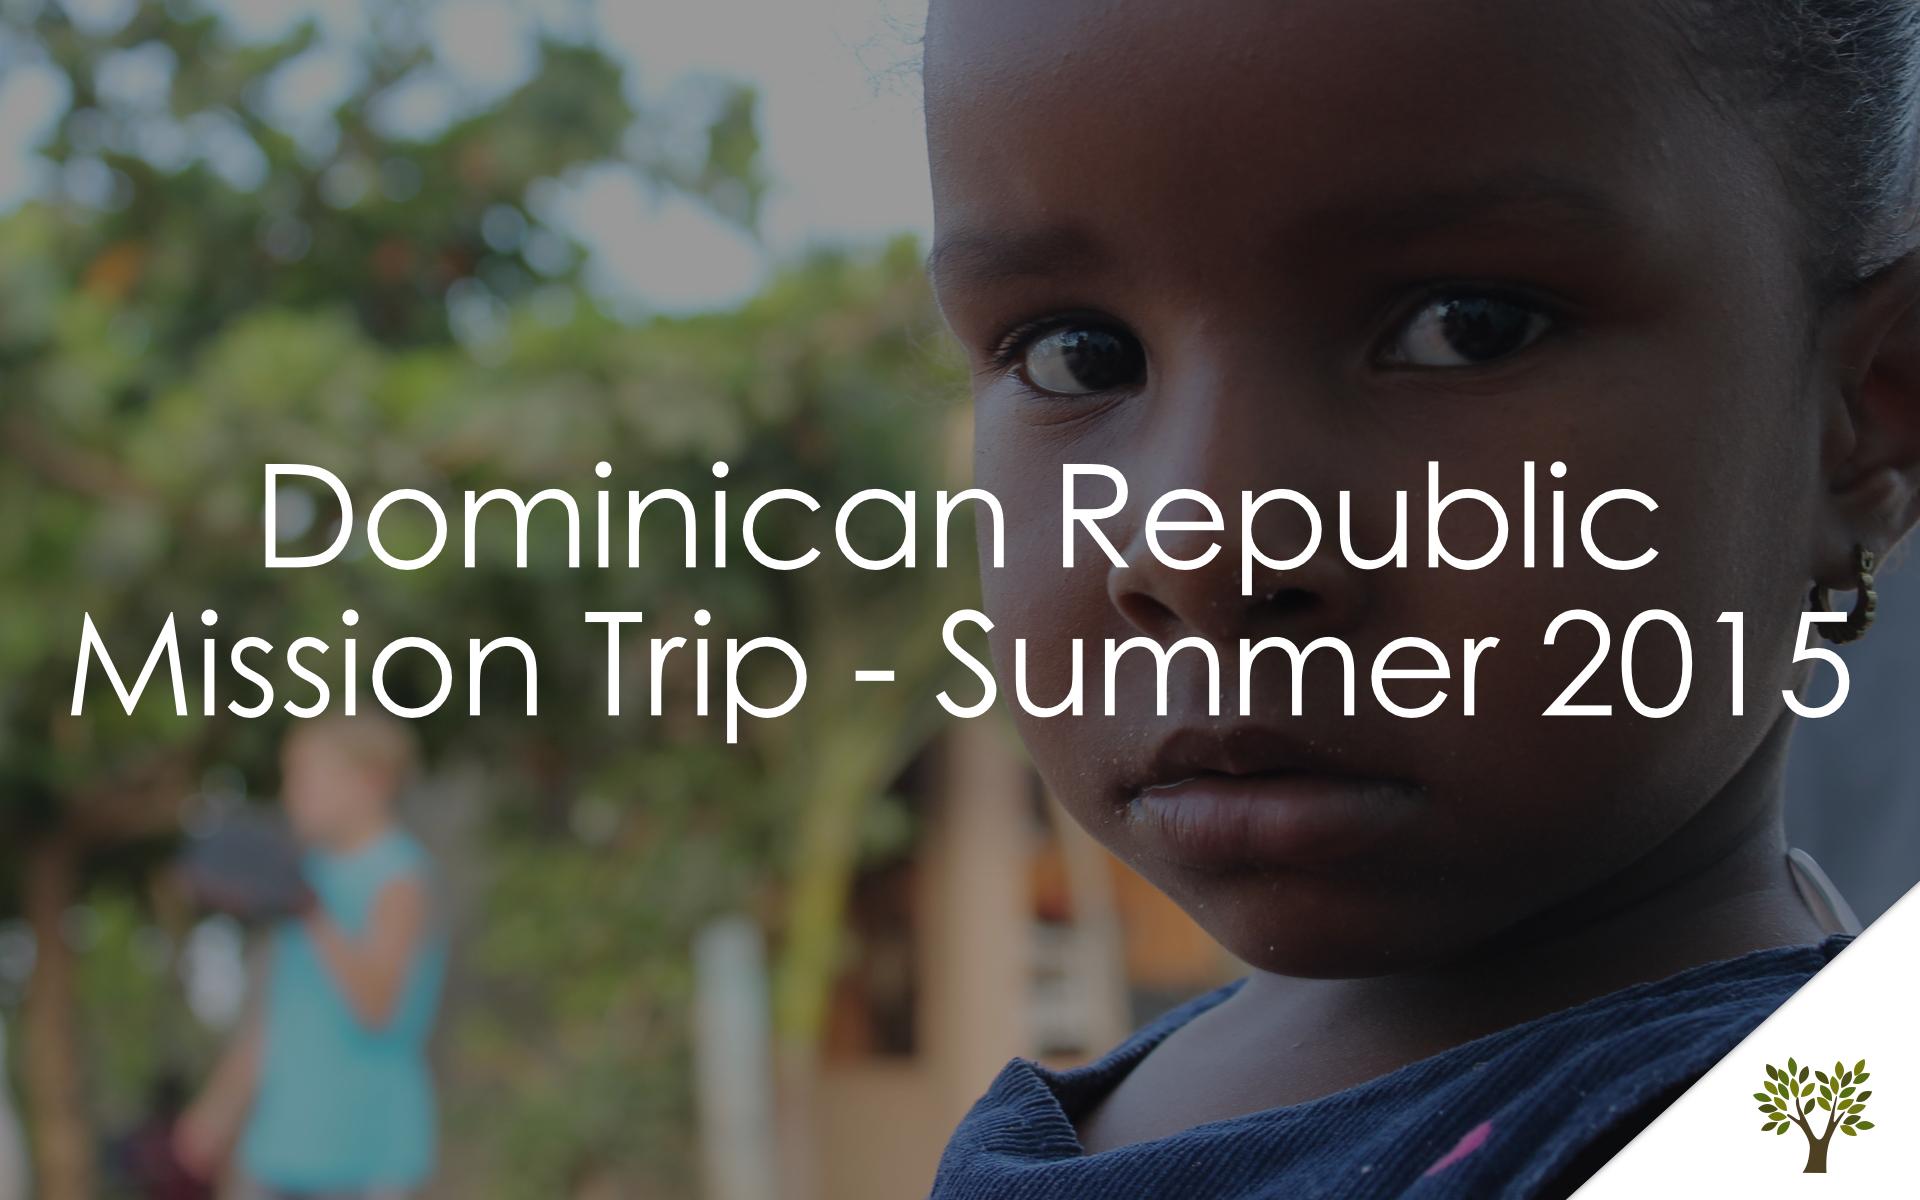 DR Mission Trip - Summer 2015